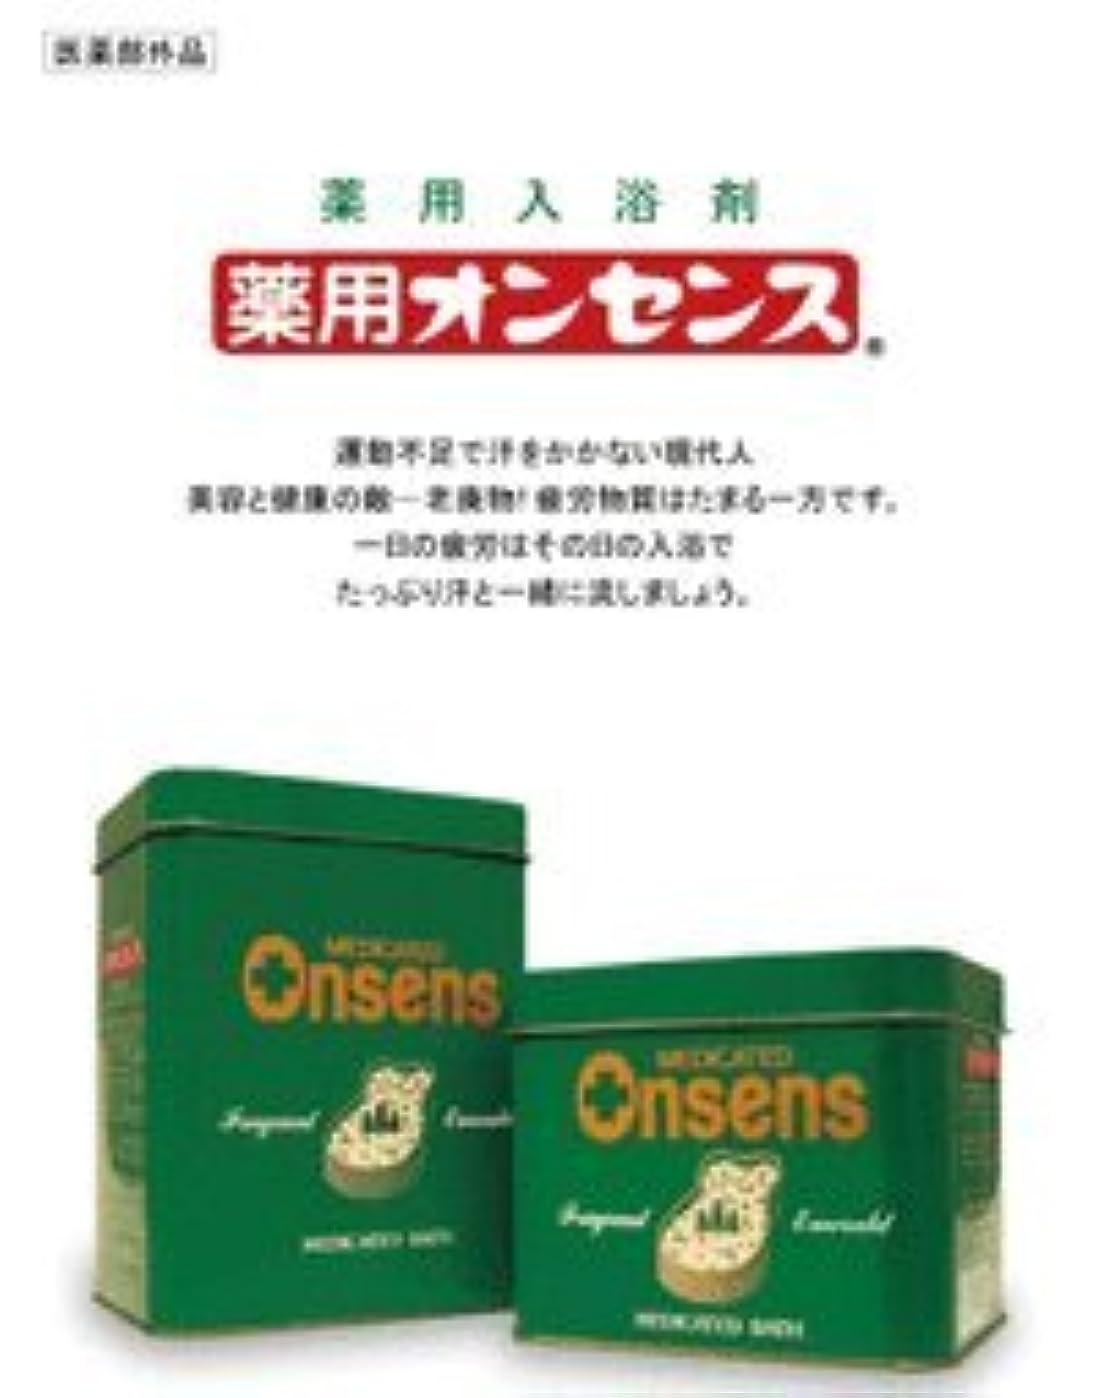 習字スティック調停する薬用オンセンス 1.4kg缶 薬用入浴剤 松葉エキス(松柏科植物の製油) 入浴剤 医薬部外品